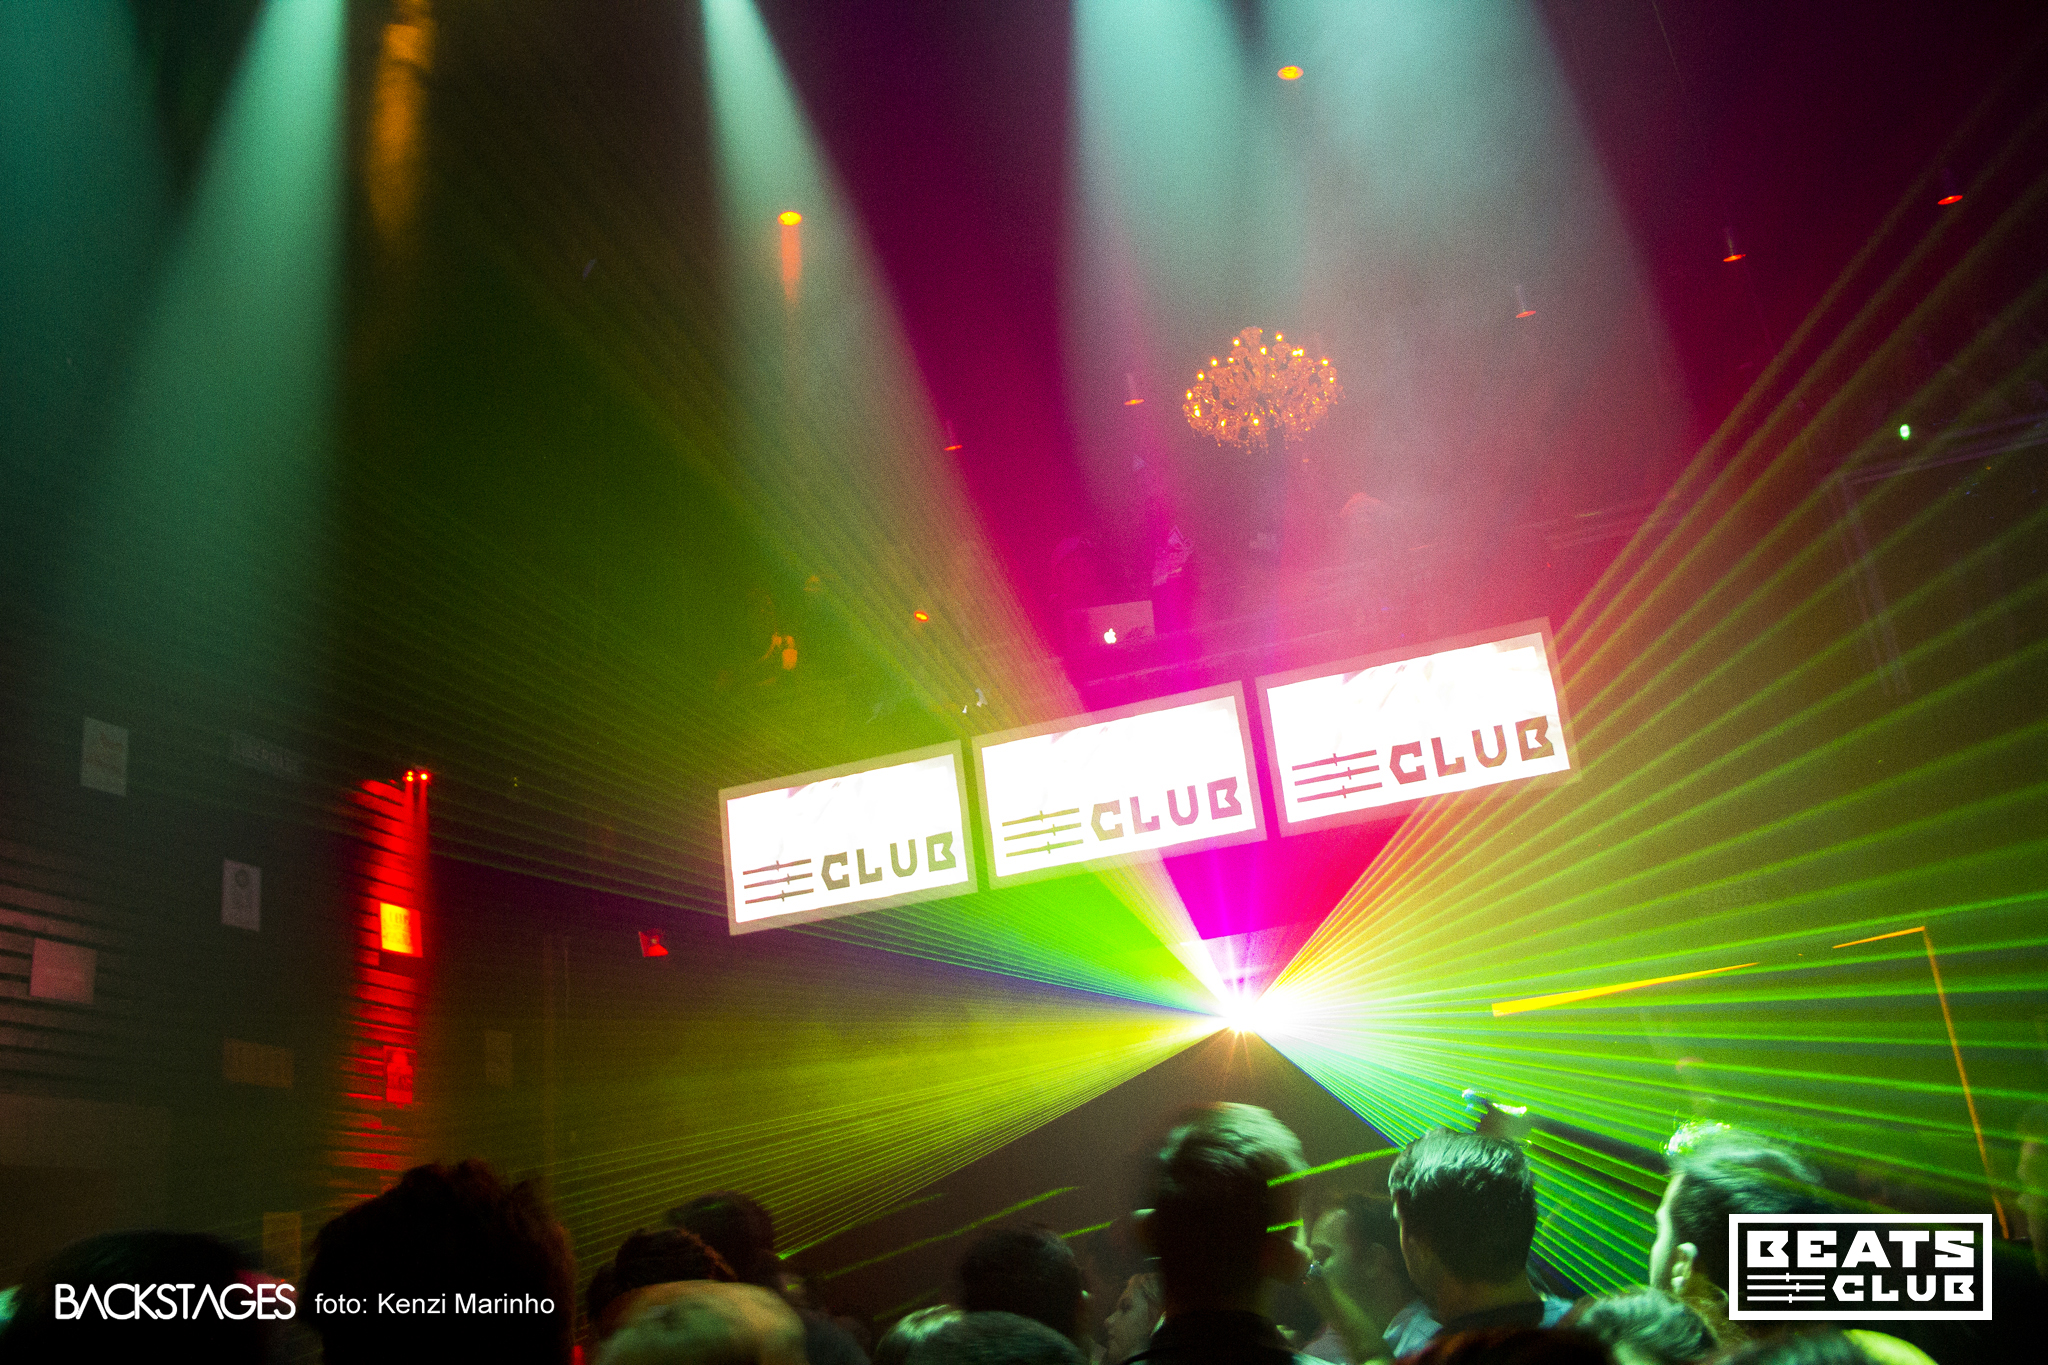 Beats Club - Inauguração 06.05.2017 - Kenzi Marinho (81)